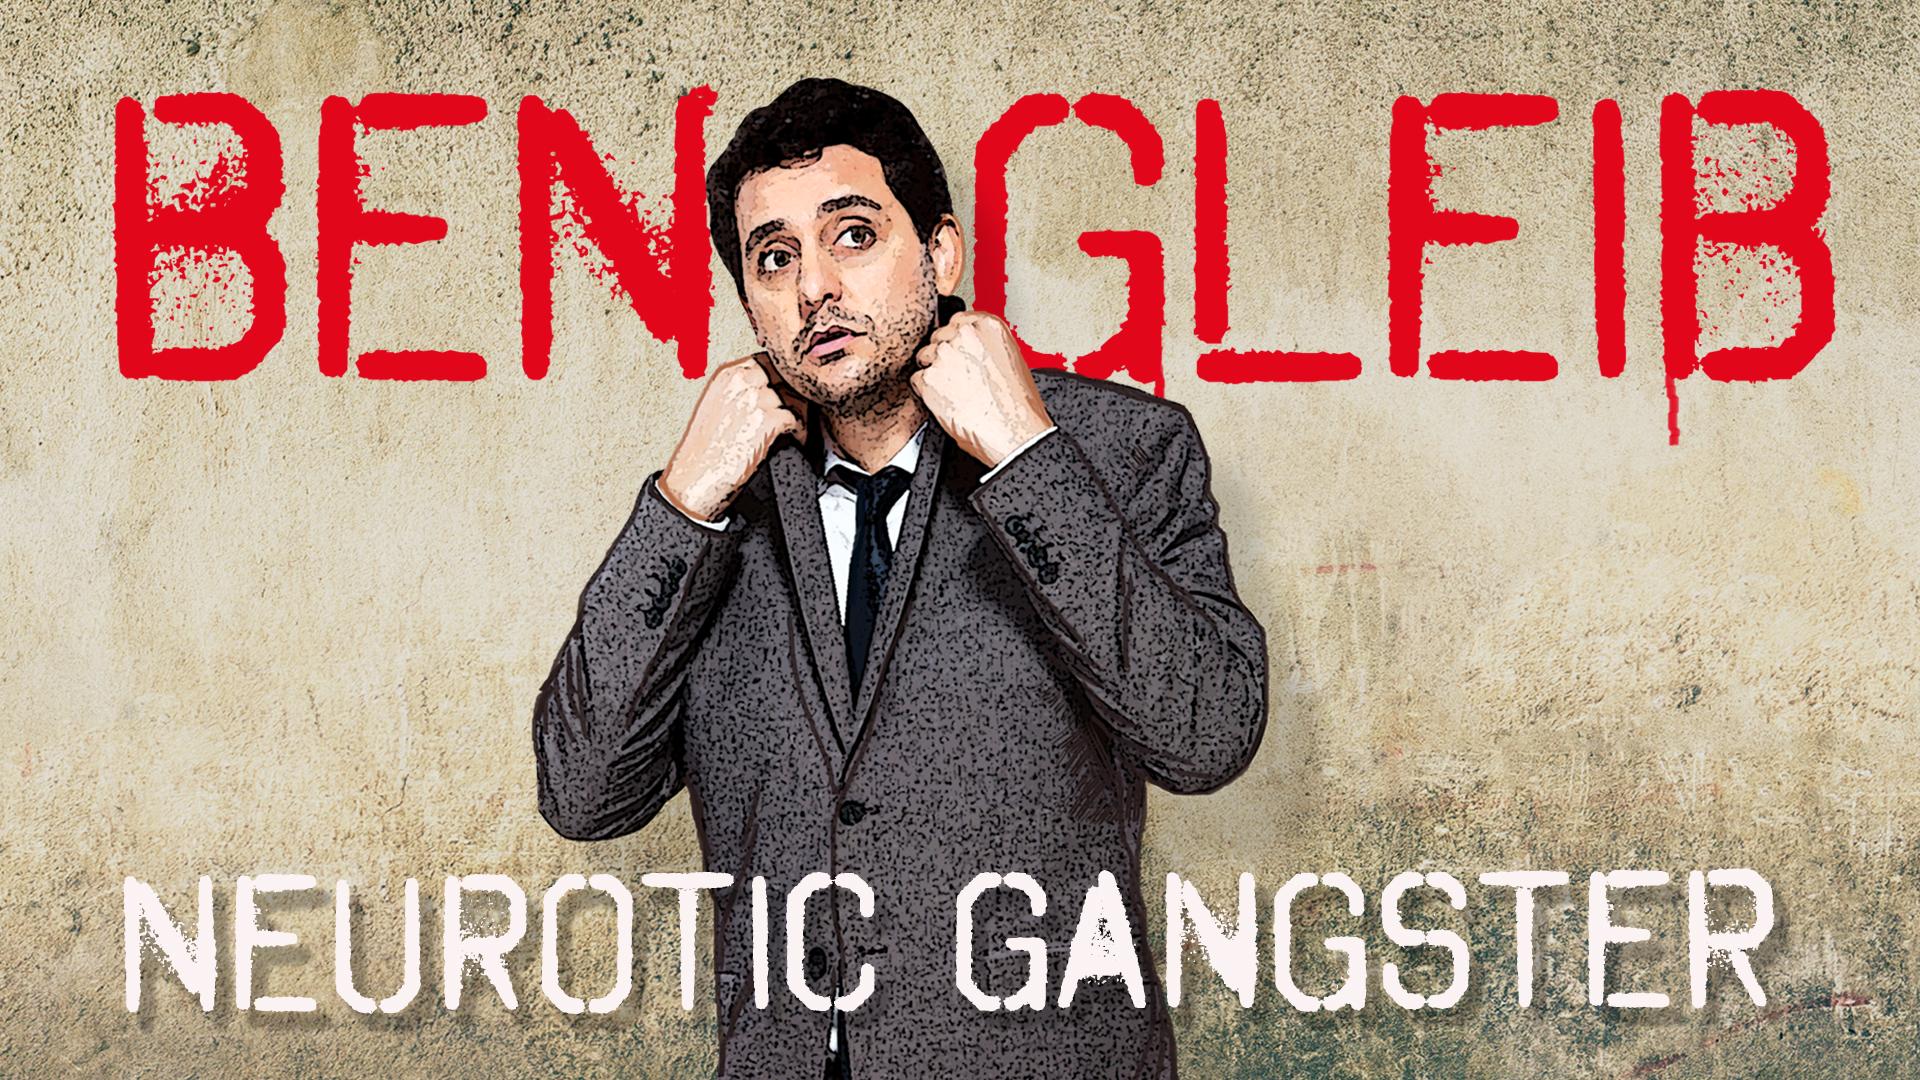 Ben Gleib: Neurotic Gangster